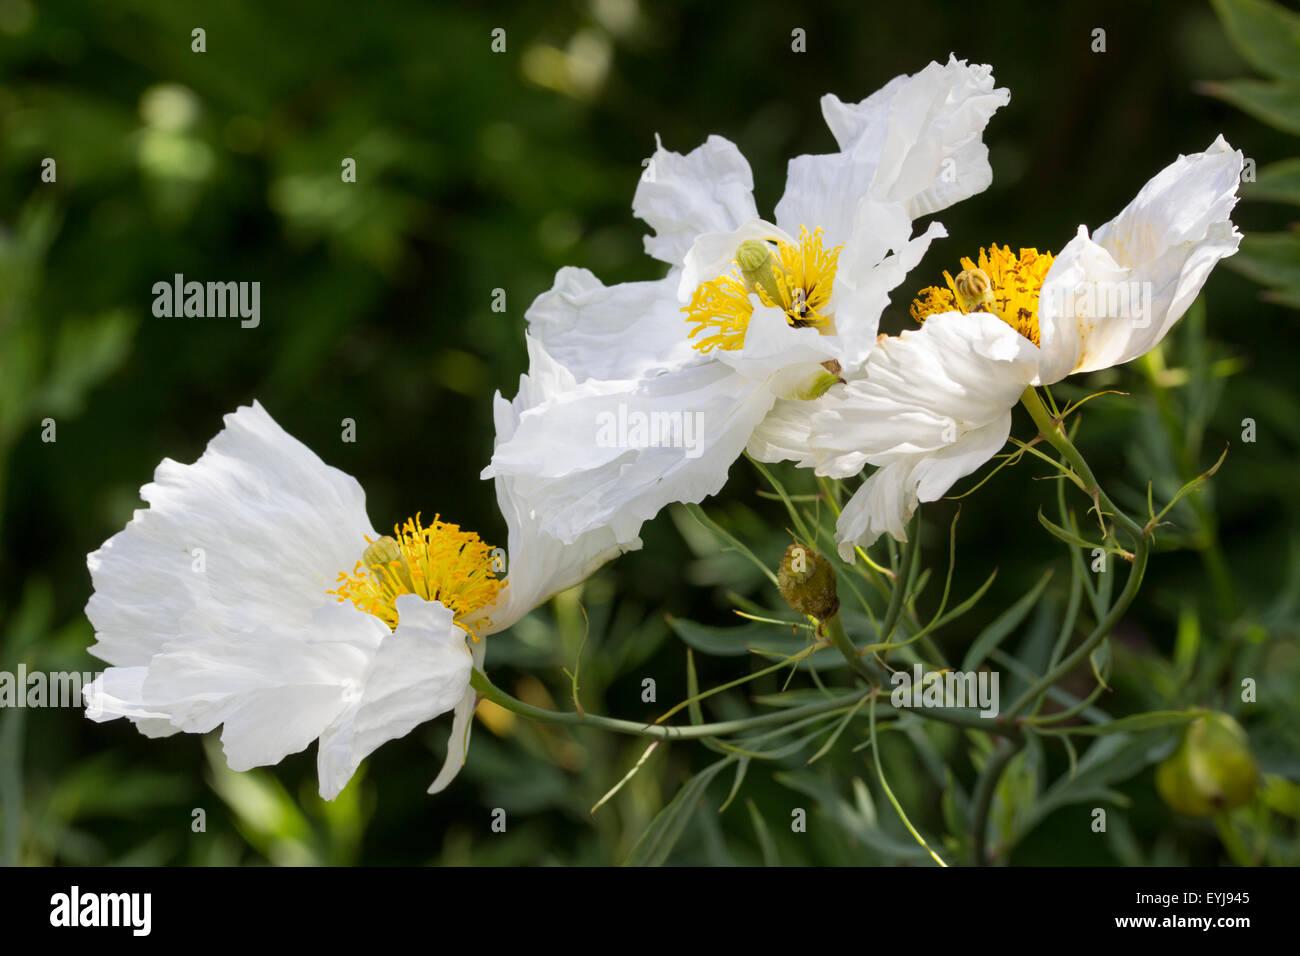 Large Yellow Stamened White Flowers Of The Tree Poppy Romneya